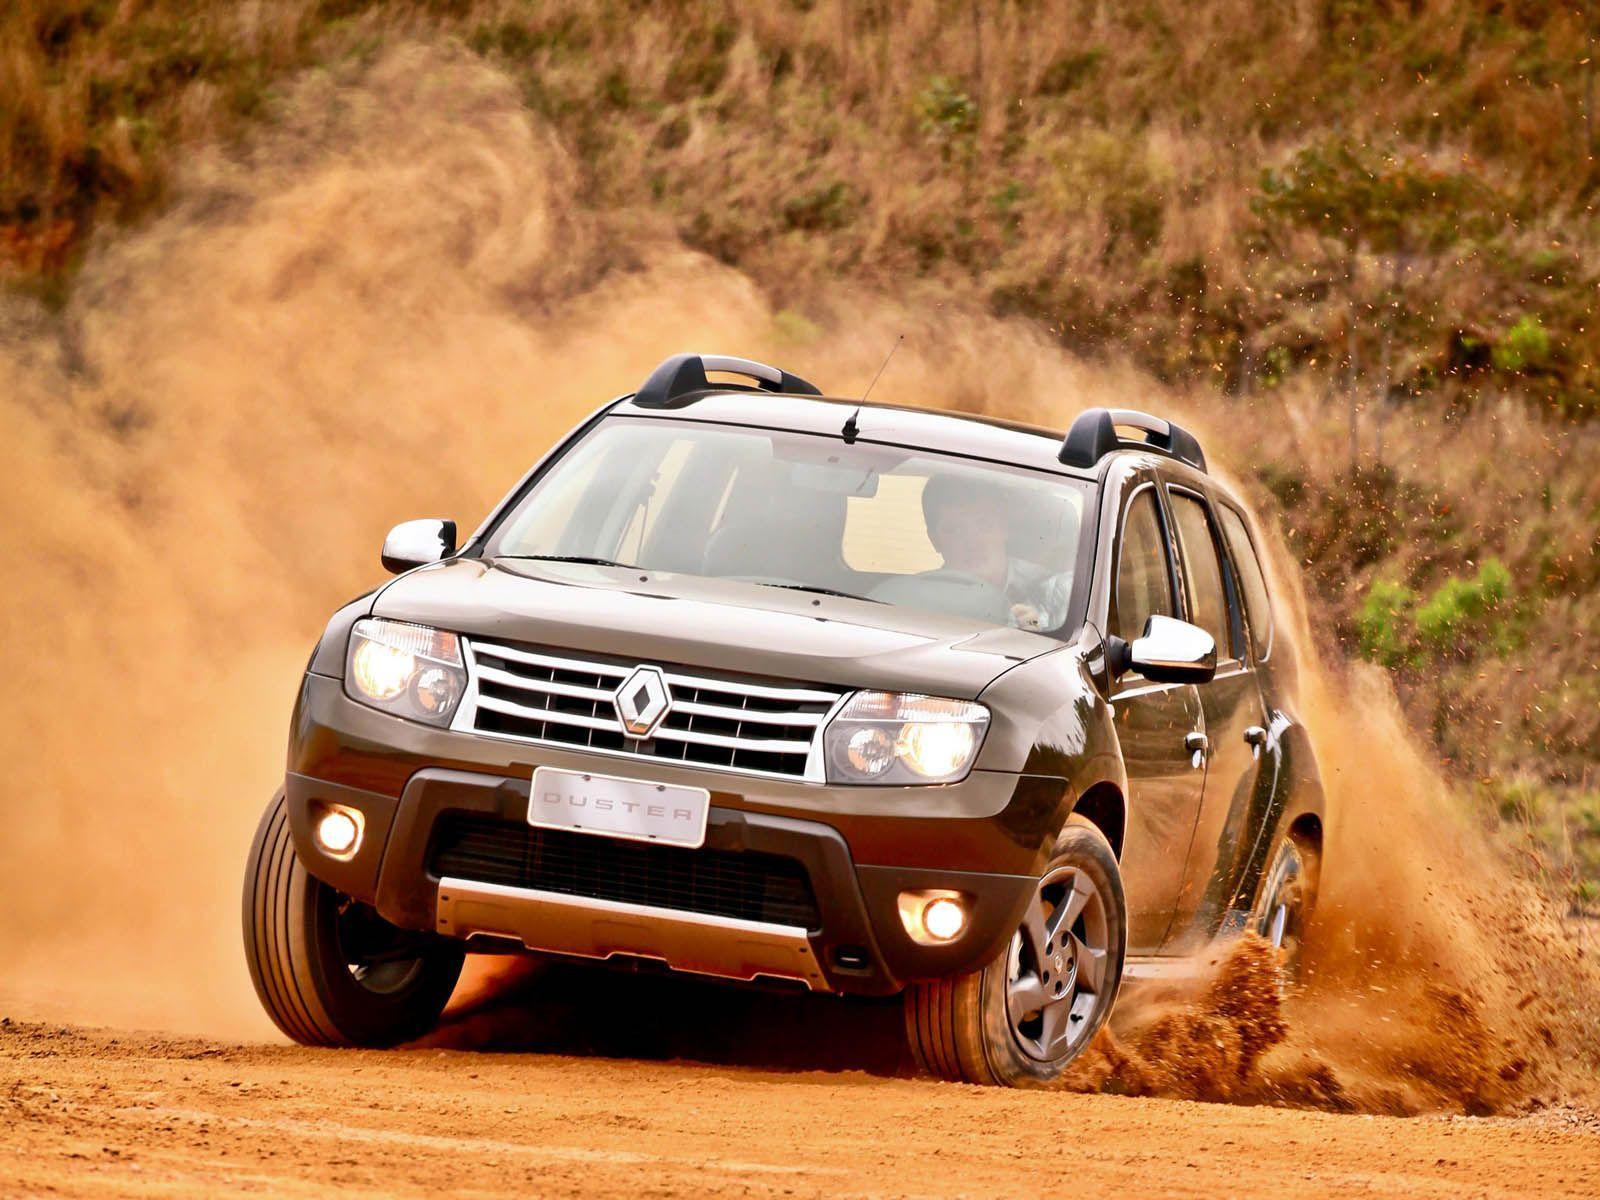 Renault Duster Hd Wallpaper Download Car Wallpapers Cars